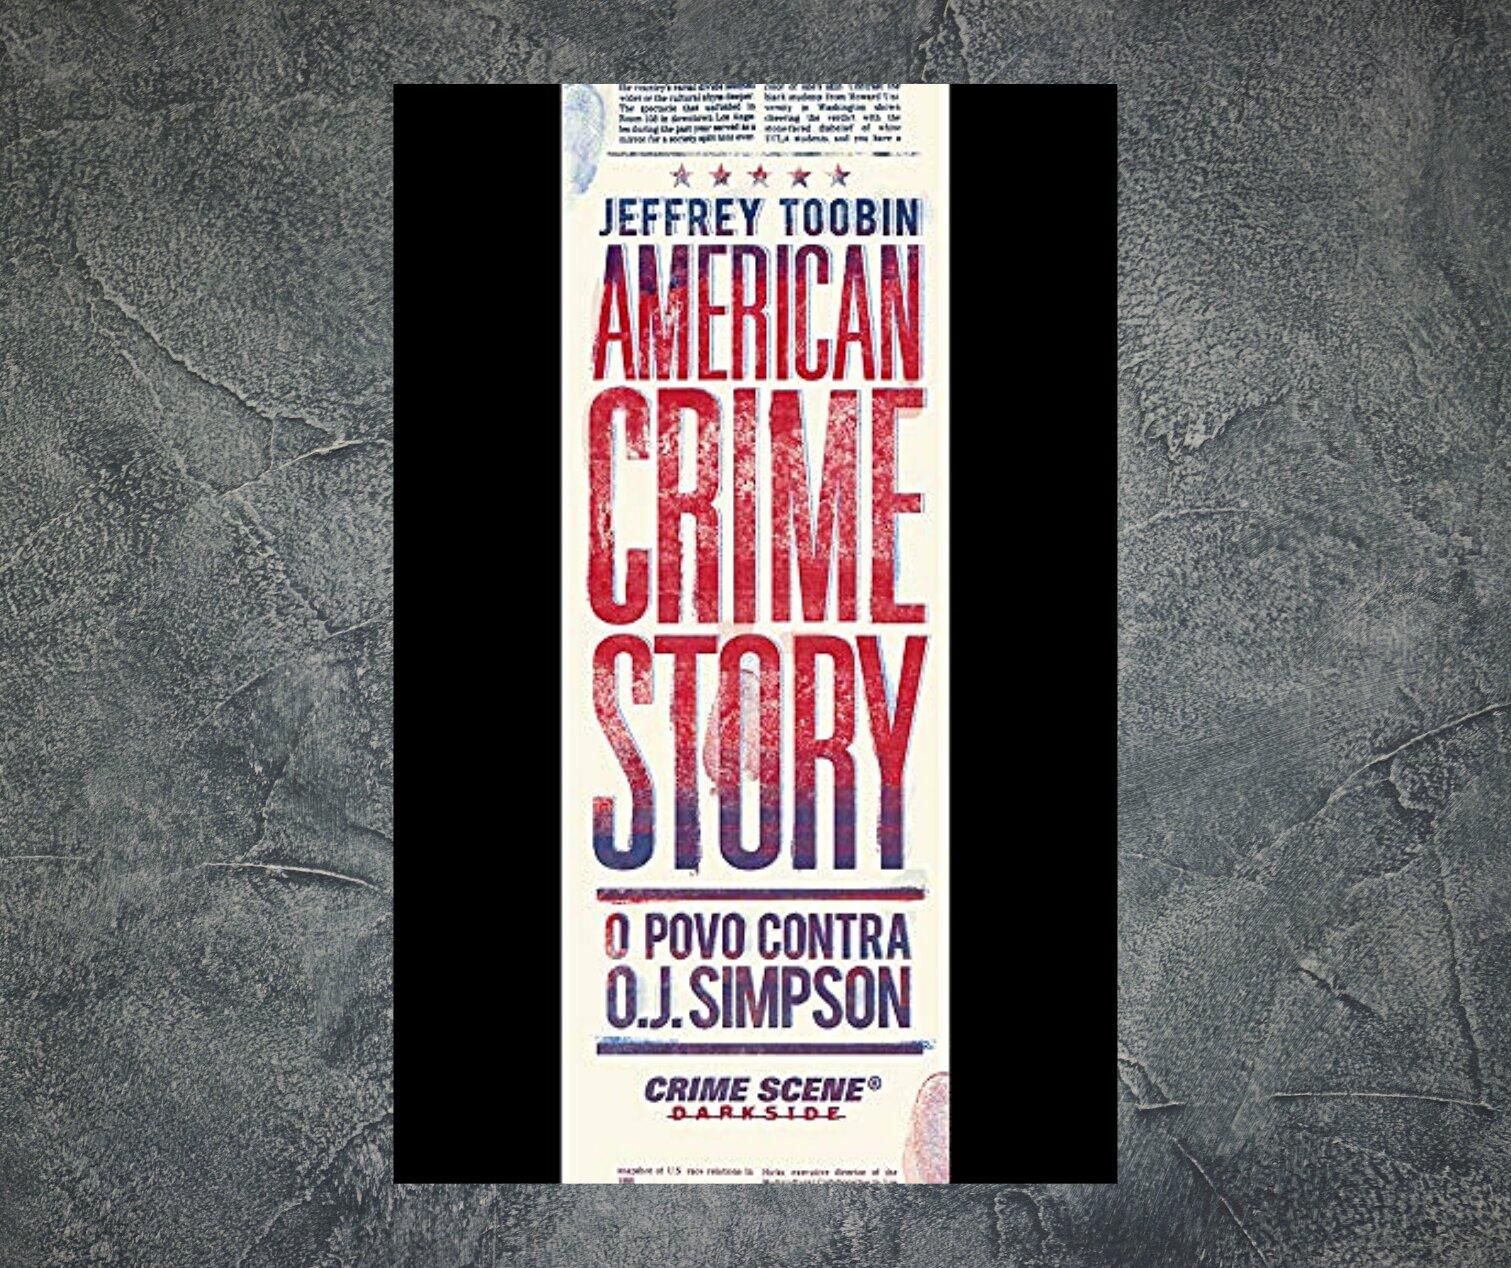 Resenha: American Crime Story - O Povo Contra O. J. Simpson, de Jeffrey Toobin